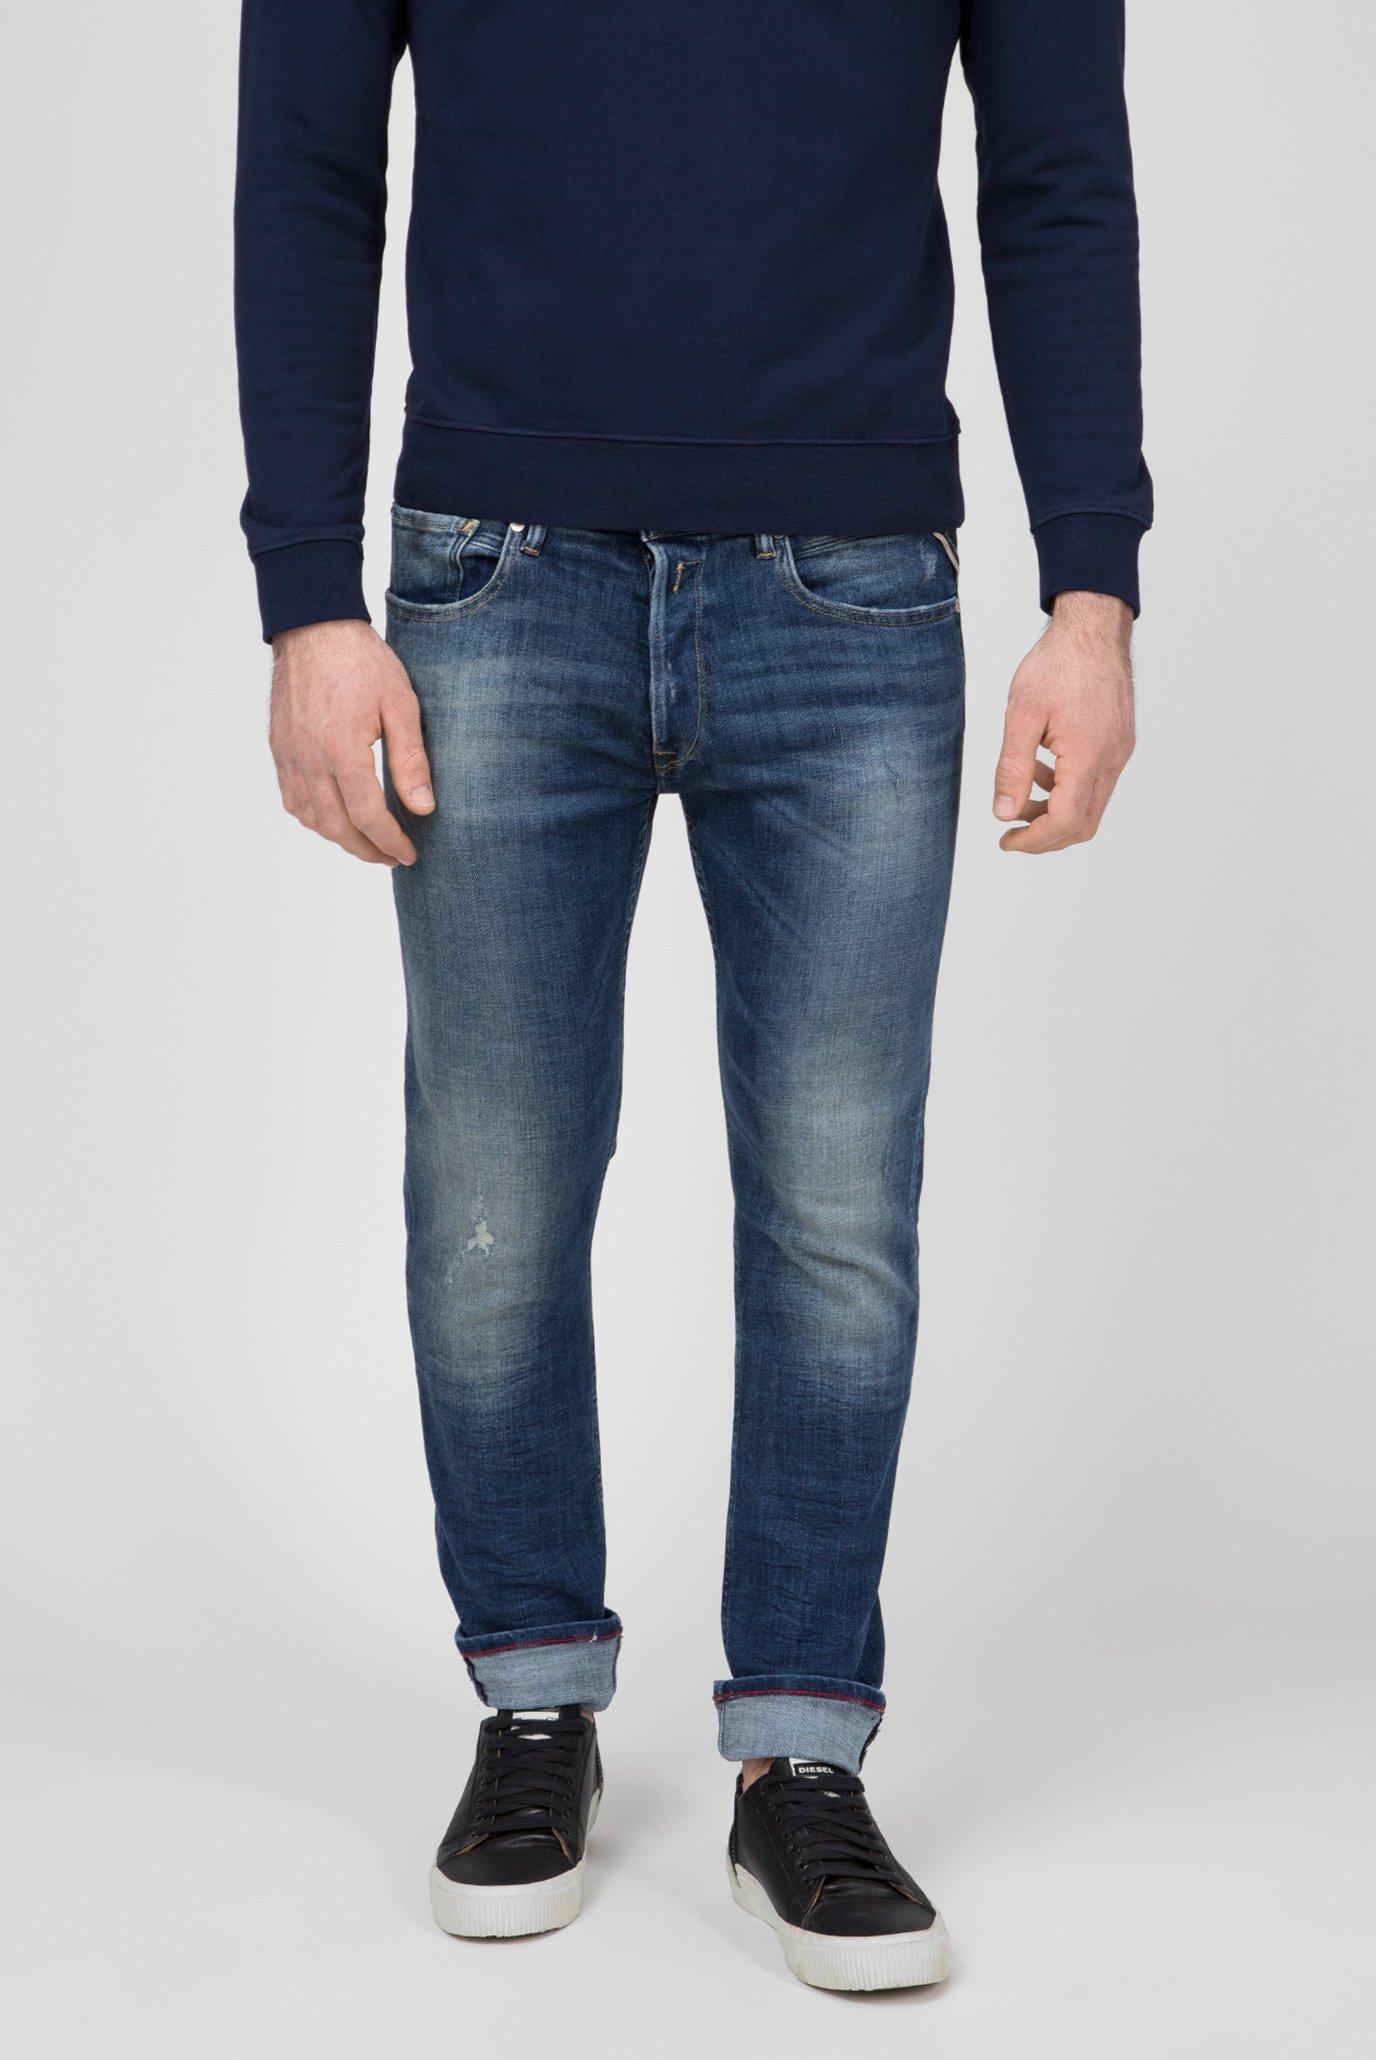 Чоловічі сині джинси DONNY 1